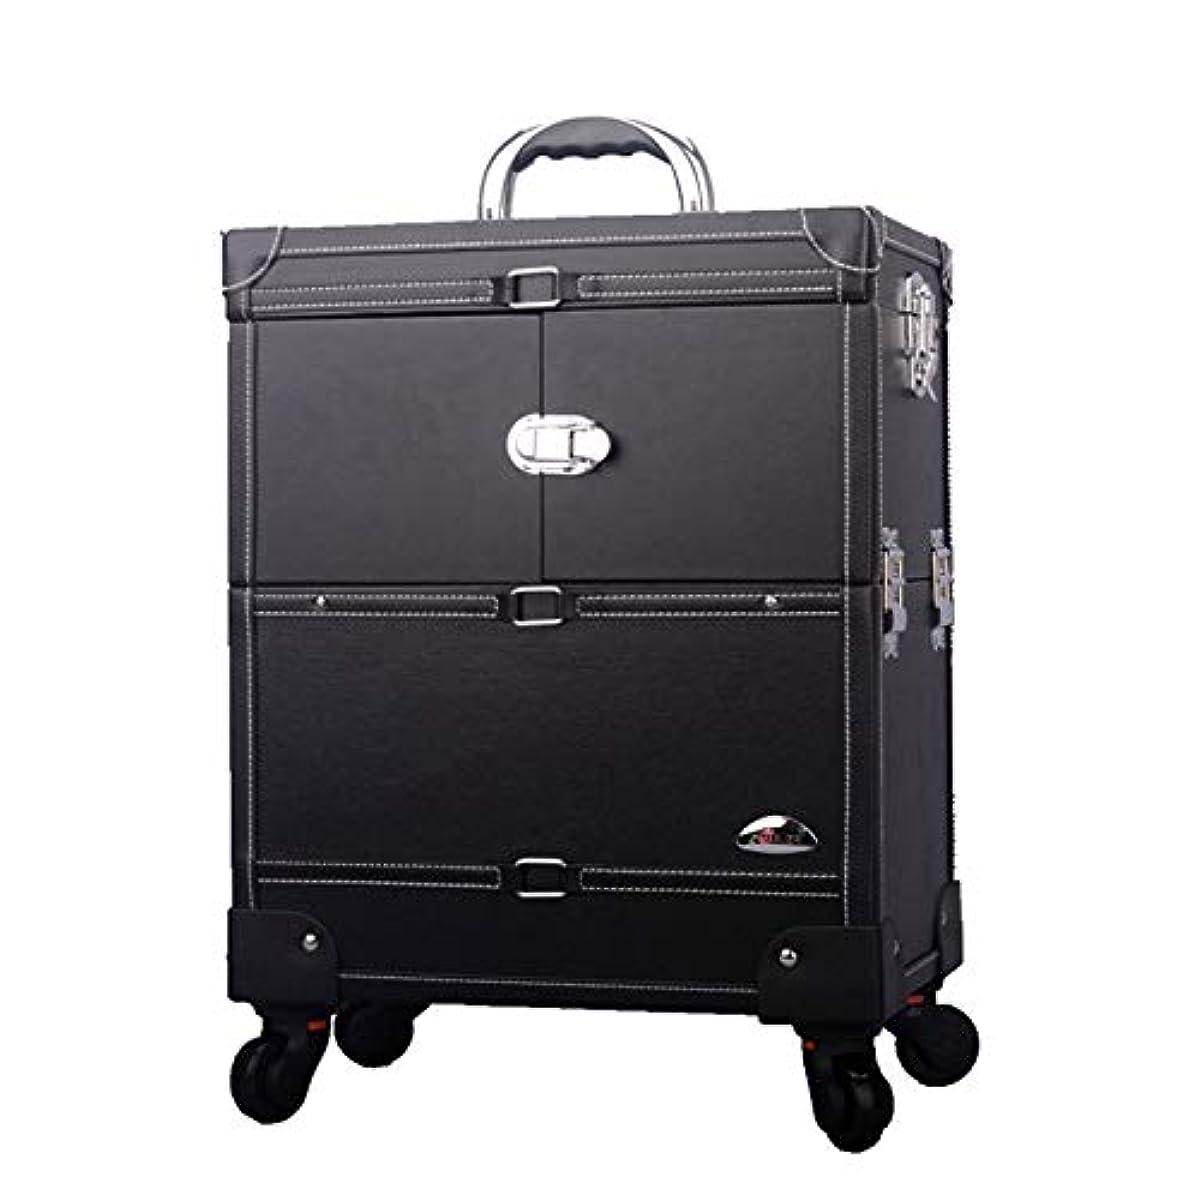 狂乱協力差し迫ったプロ専用 美容師 クローゼット スーツケース メイクボックス キャリーバッグ ヘアメイク プロ 大容量 軽量 高品質 多機能 I-JL-3623T-B-T